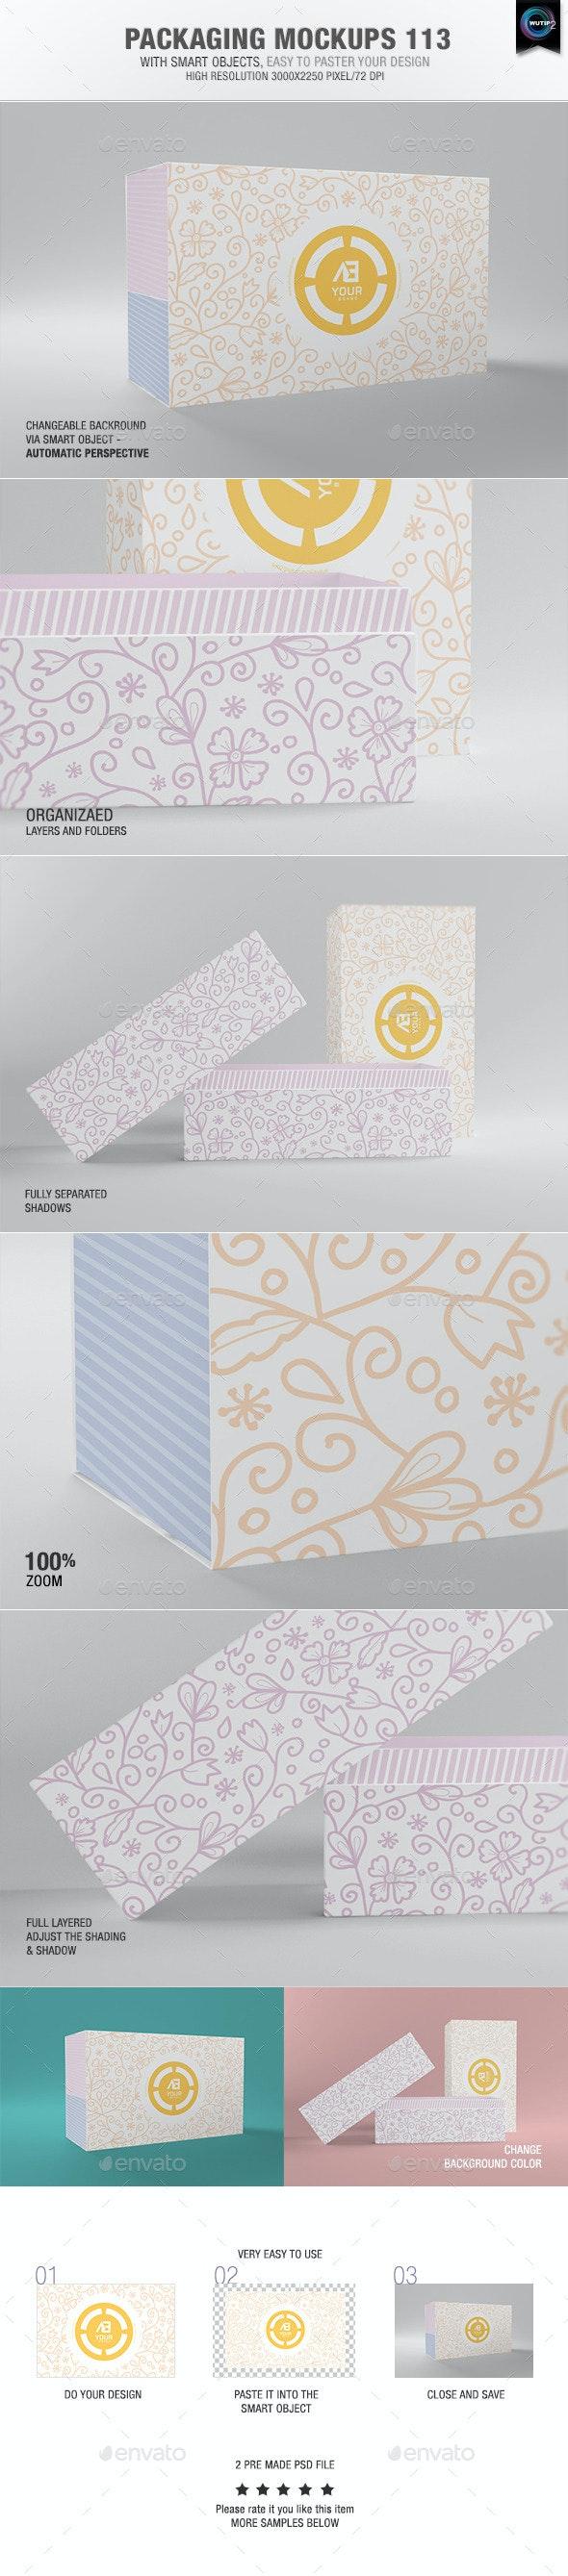 Packaging Mock-ups 113 - Packaging Product Mock-Ups